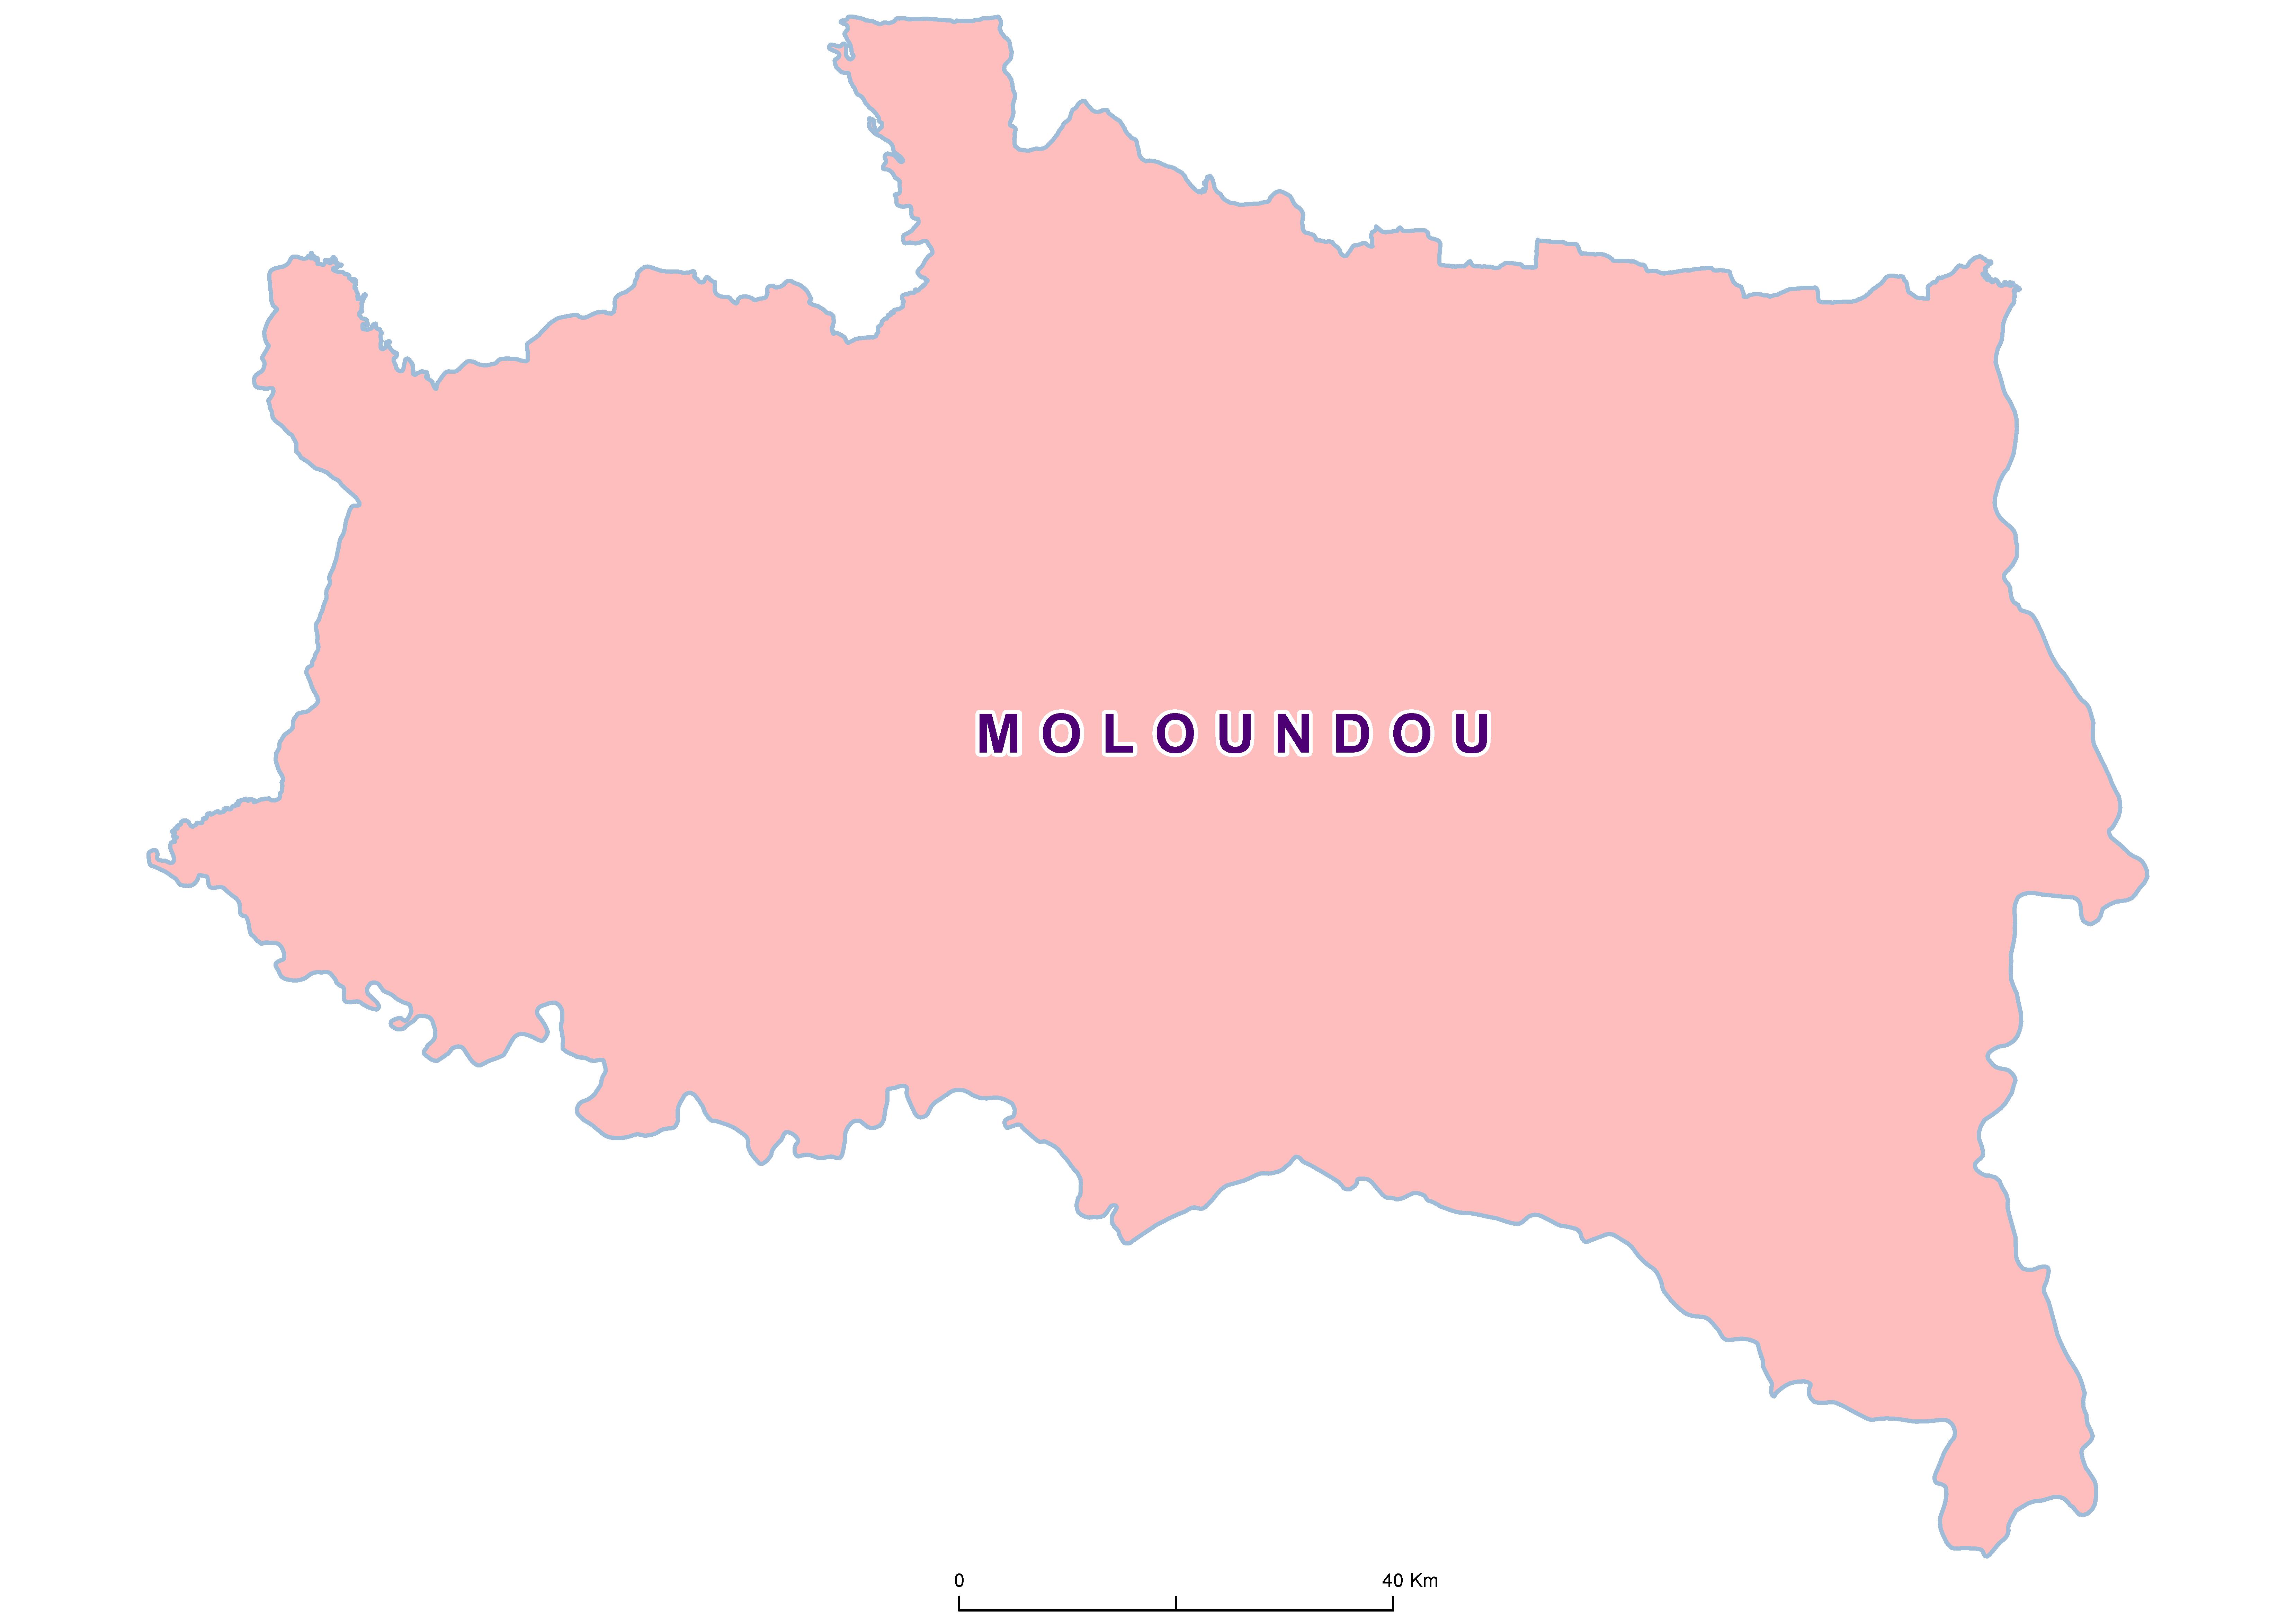 Moloundou Mean SCH 20100001